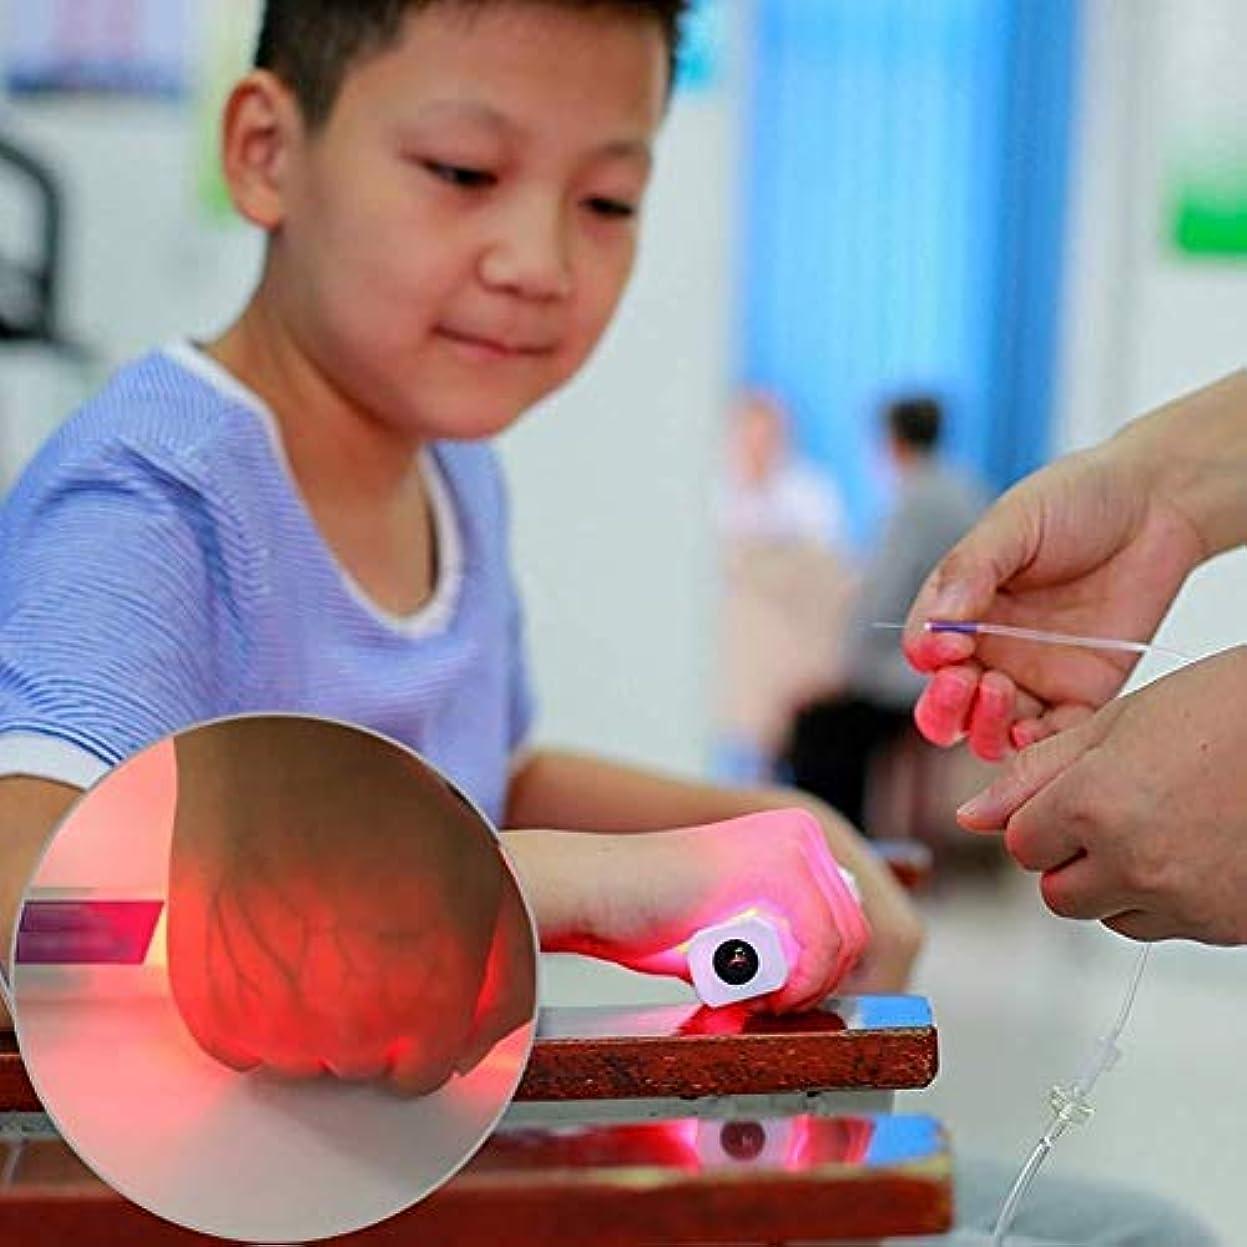 赤外線静脈ファインダービューアーポータブル医療赤外線静脈ロケーター照明可視光検出器看護師医師の血液採取